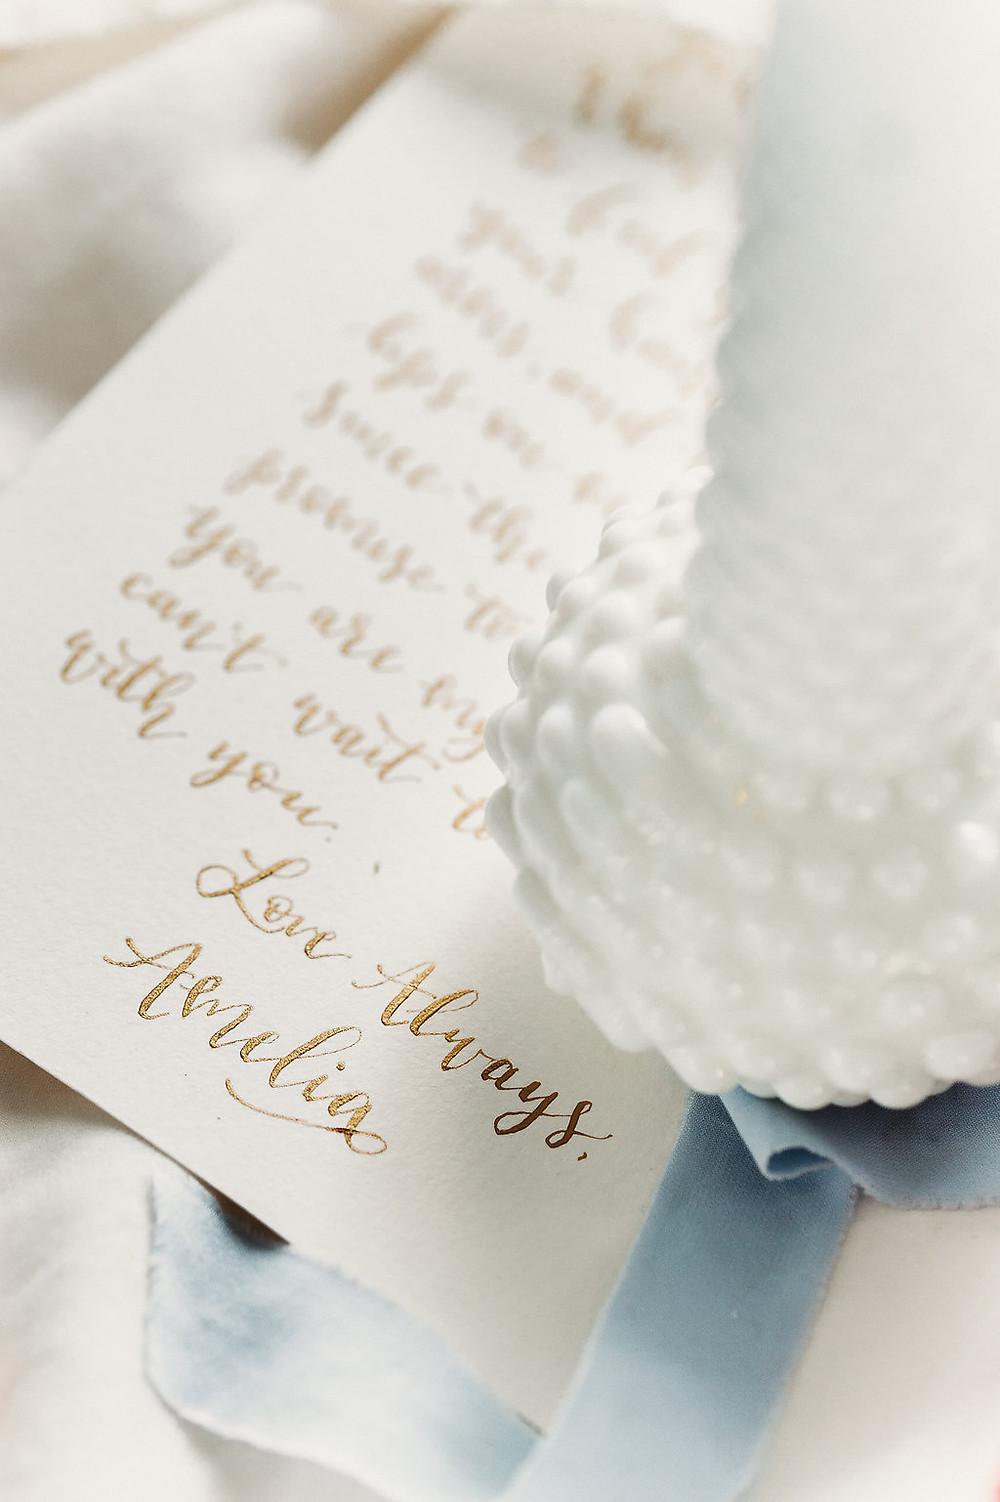 Custom gold dip pen calligraphy love letter